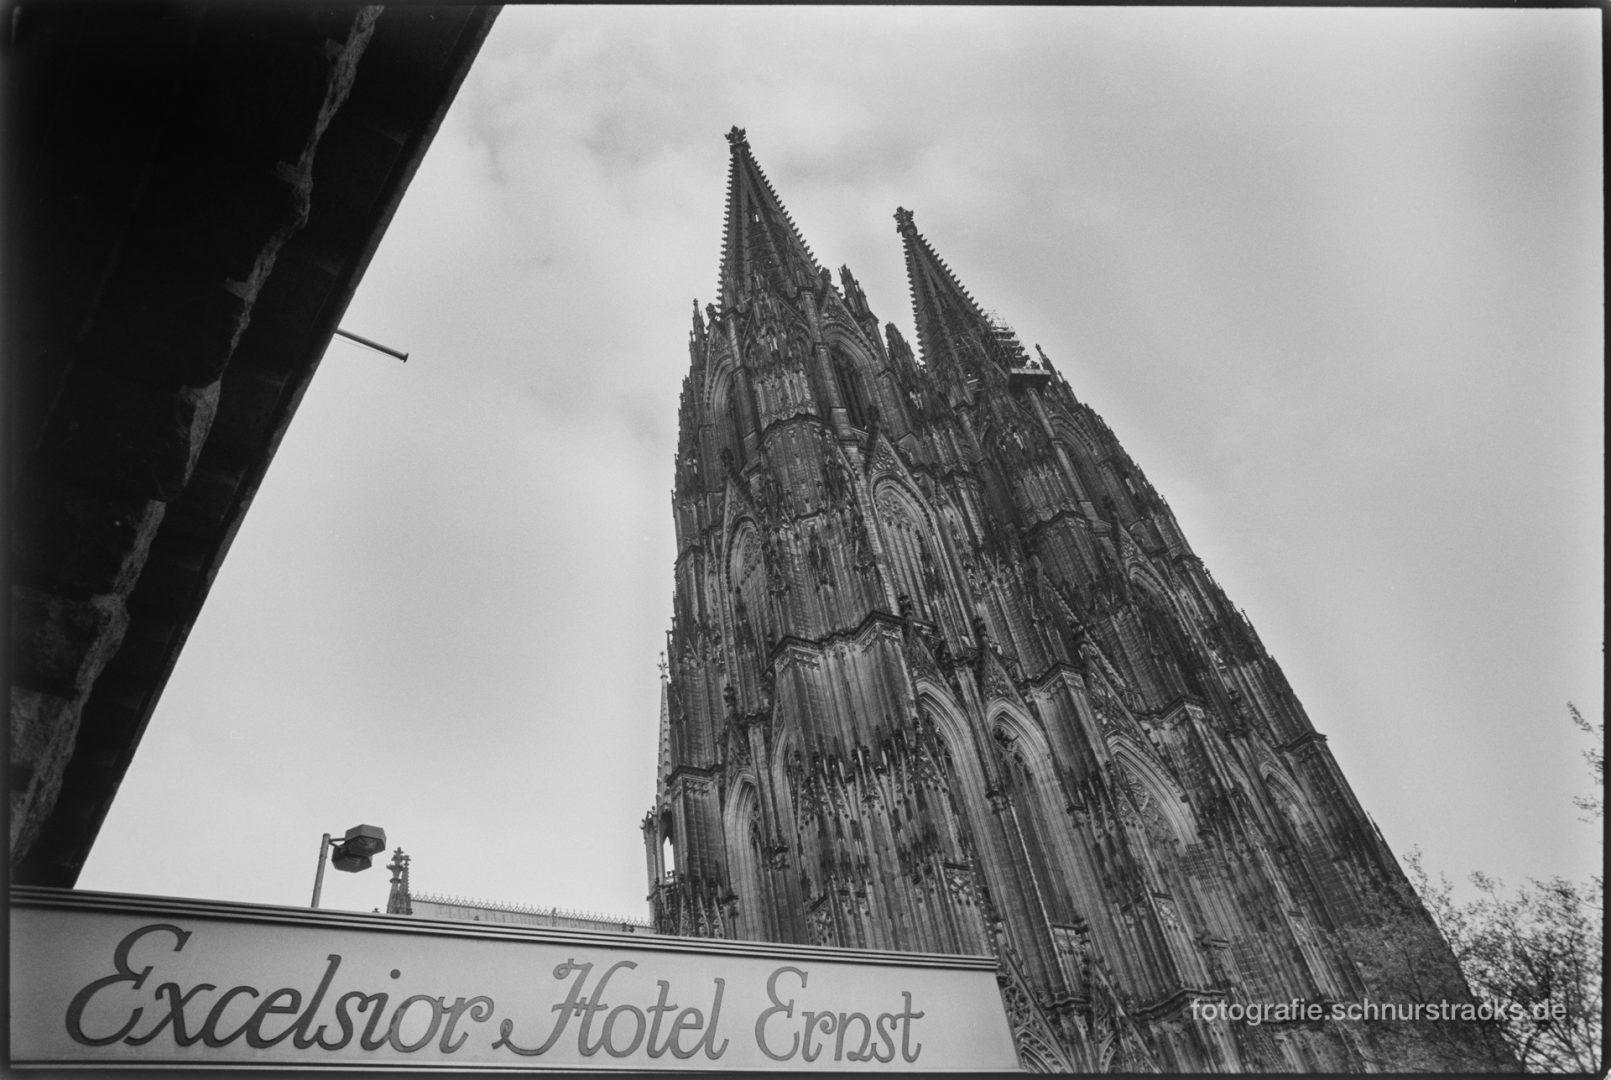 Excelsior Hotel Ernst in Köln #0663